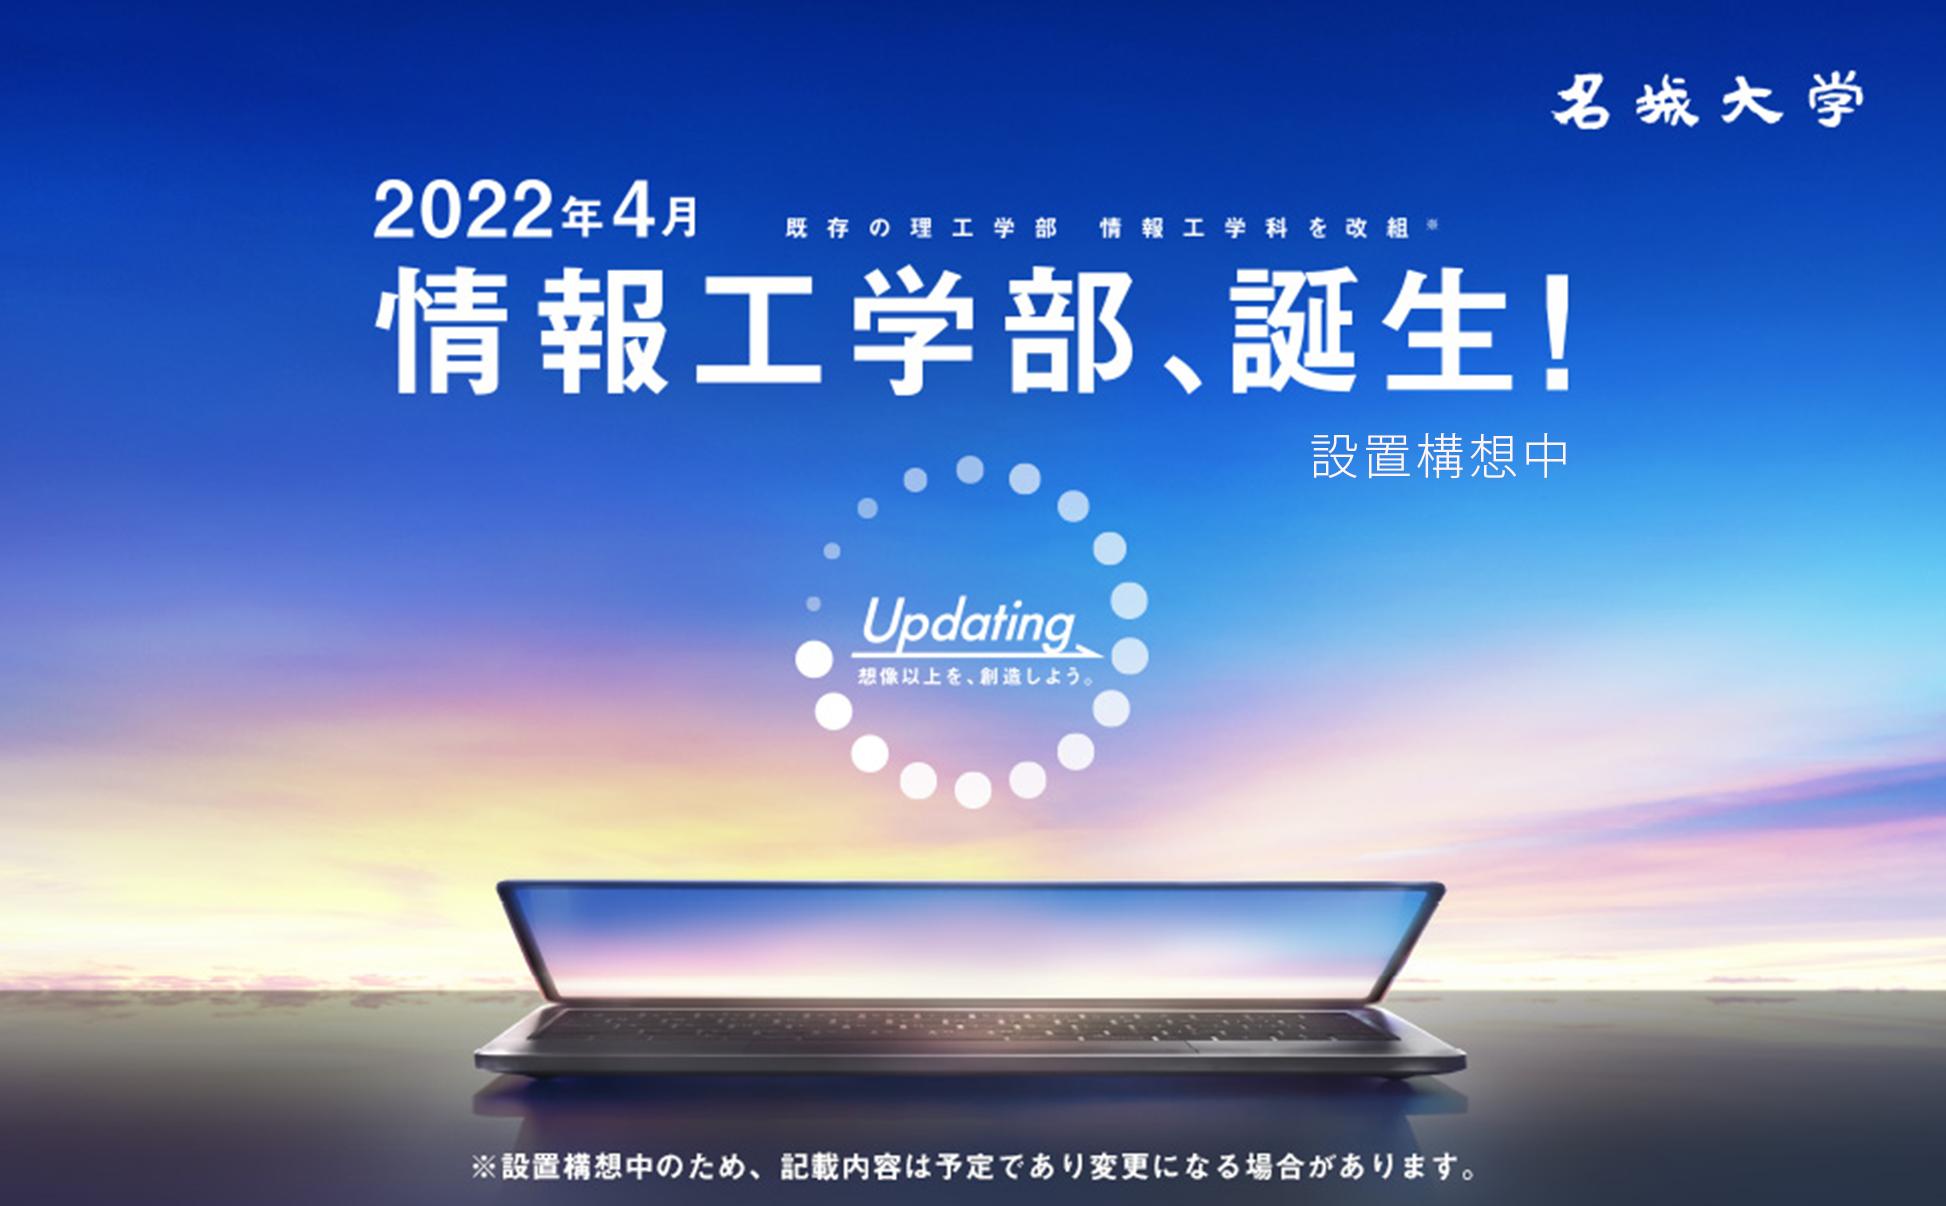 2022年4月情報工学部誕生!